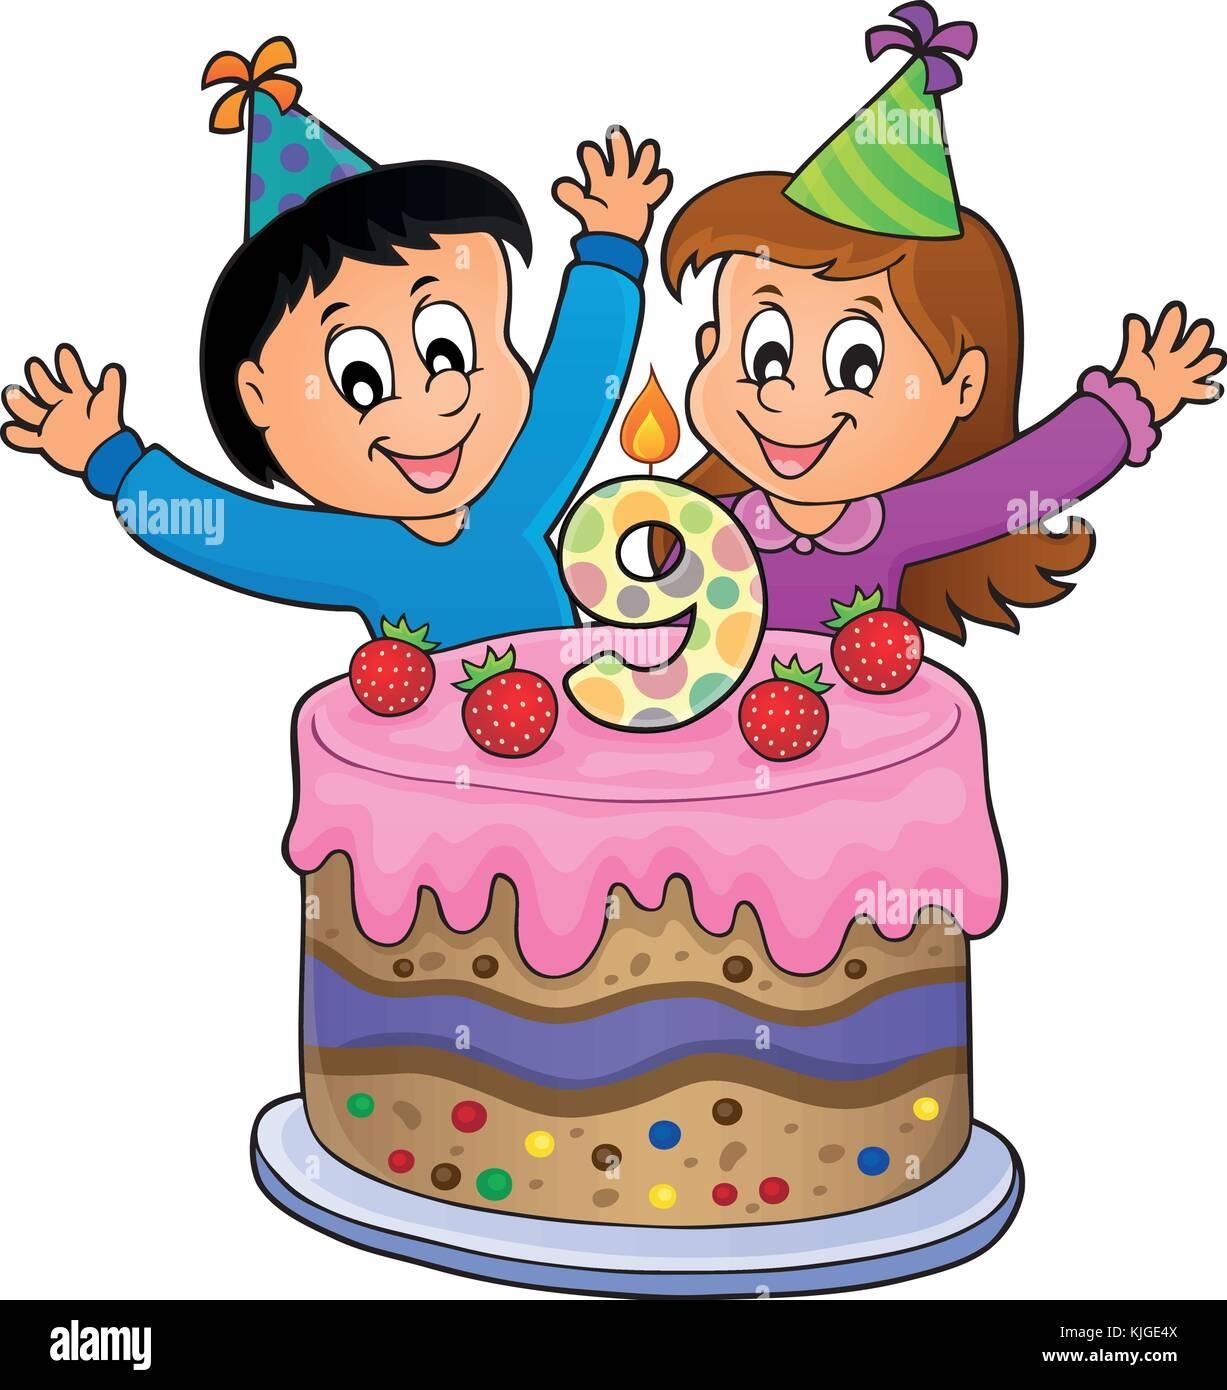 Auguri Di Buon Compleanno 9 Anni.Buon Compleanno Immagine Per 9 Anni Eps10 Illustrazione